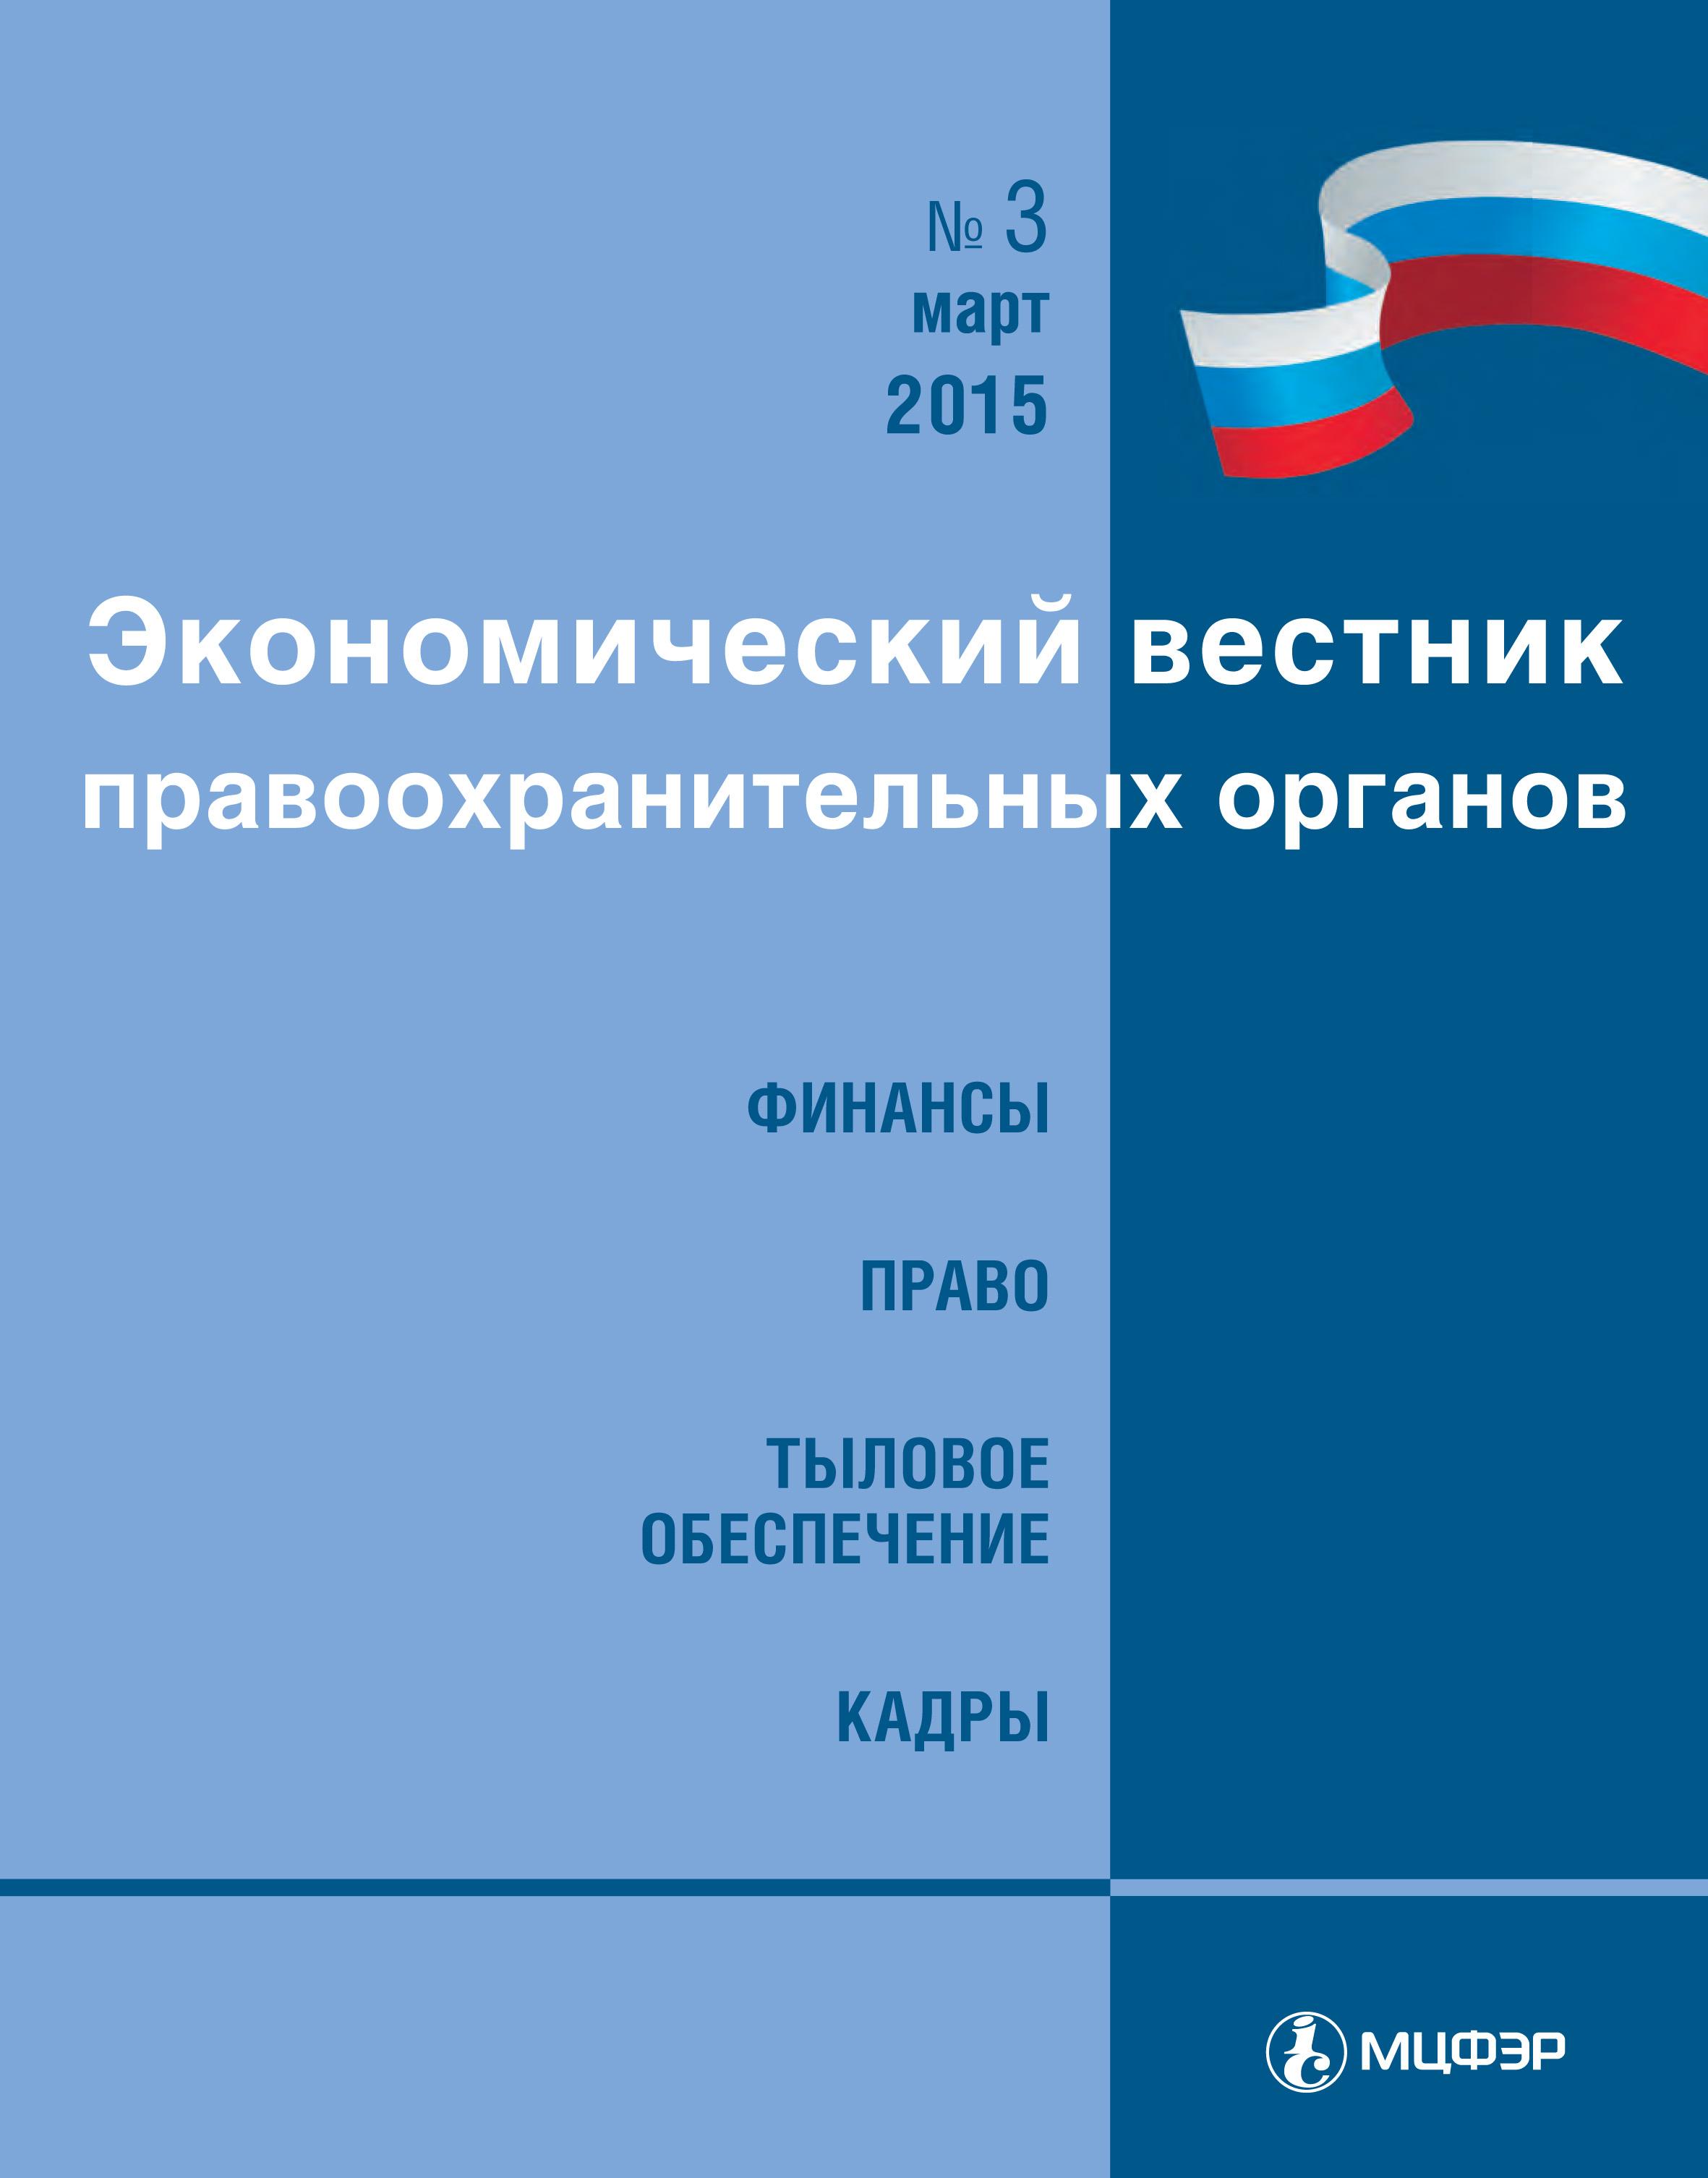 Экономический вестник правоохранительных органов №03/2015